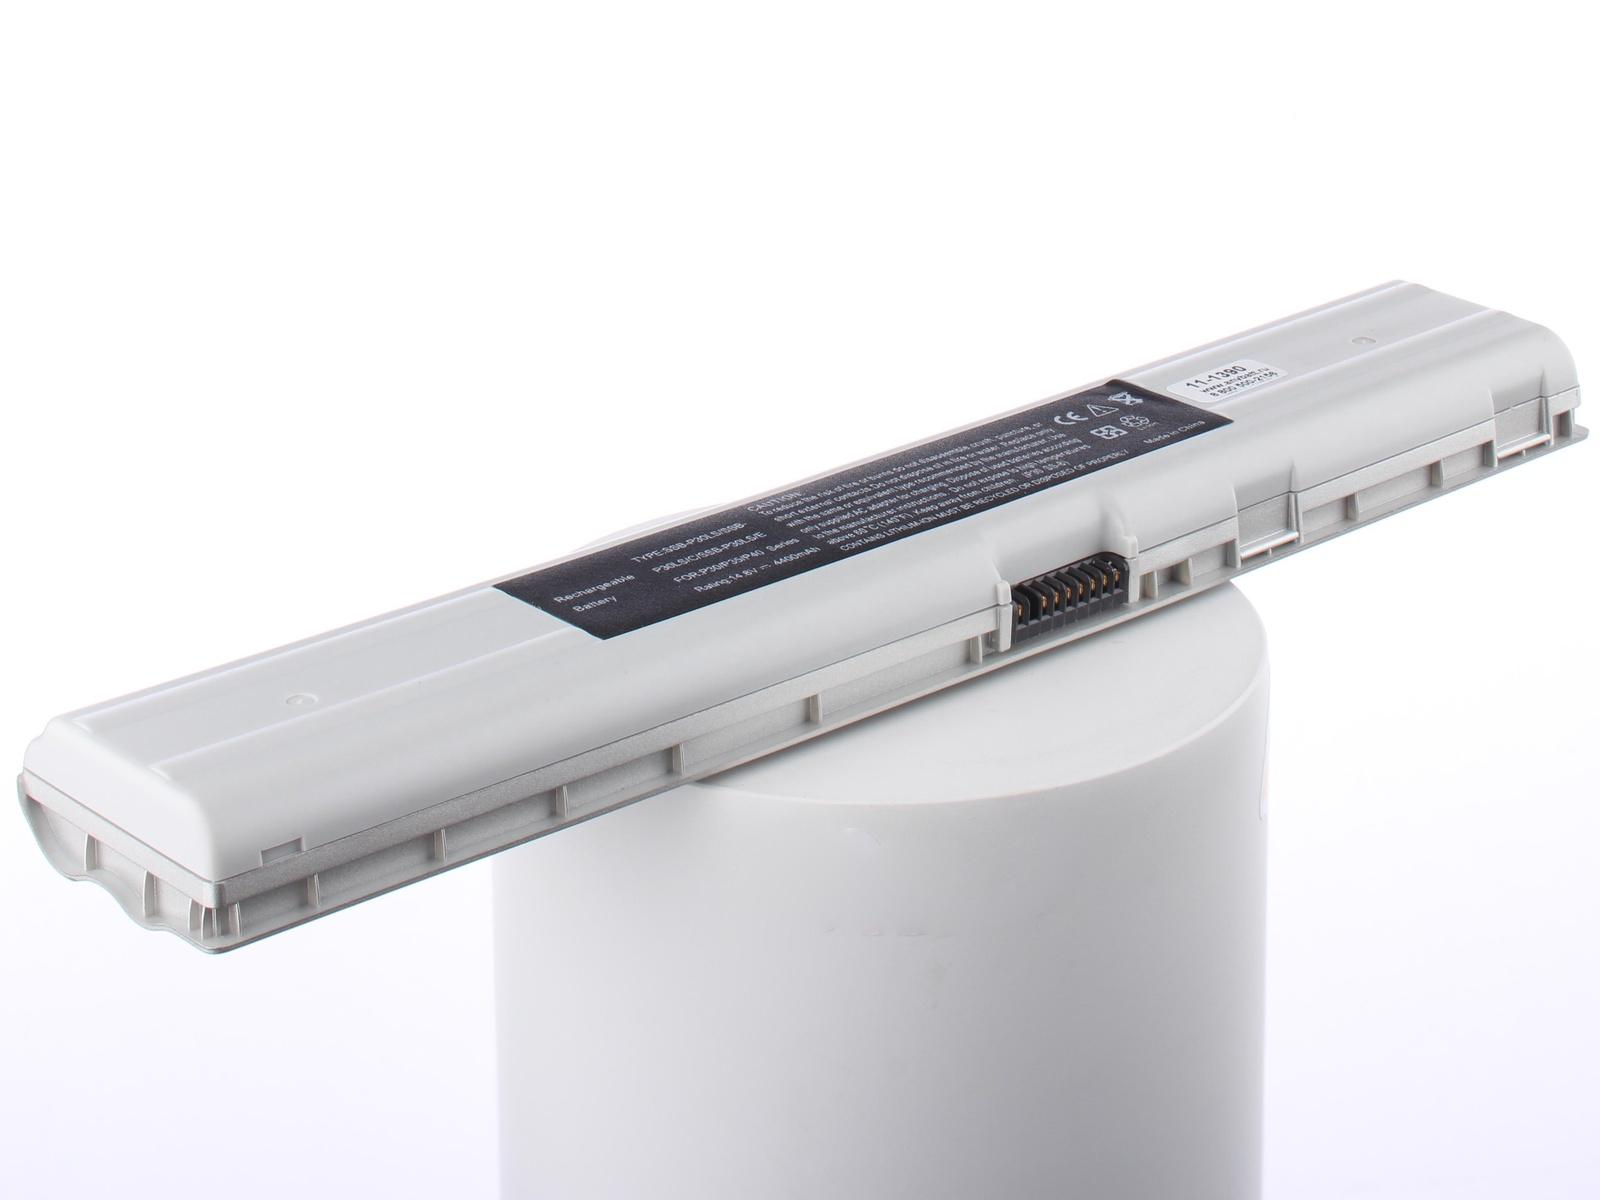 Аккумуляторная батарея AnyBatt 11-A1-1390 4400mAh для ноутбуков SSB-P30LS, тесты ноутбуков